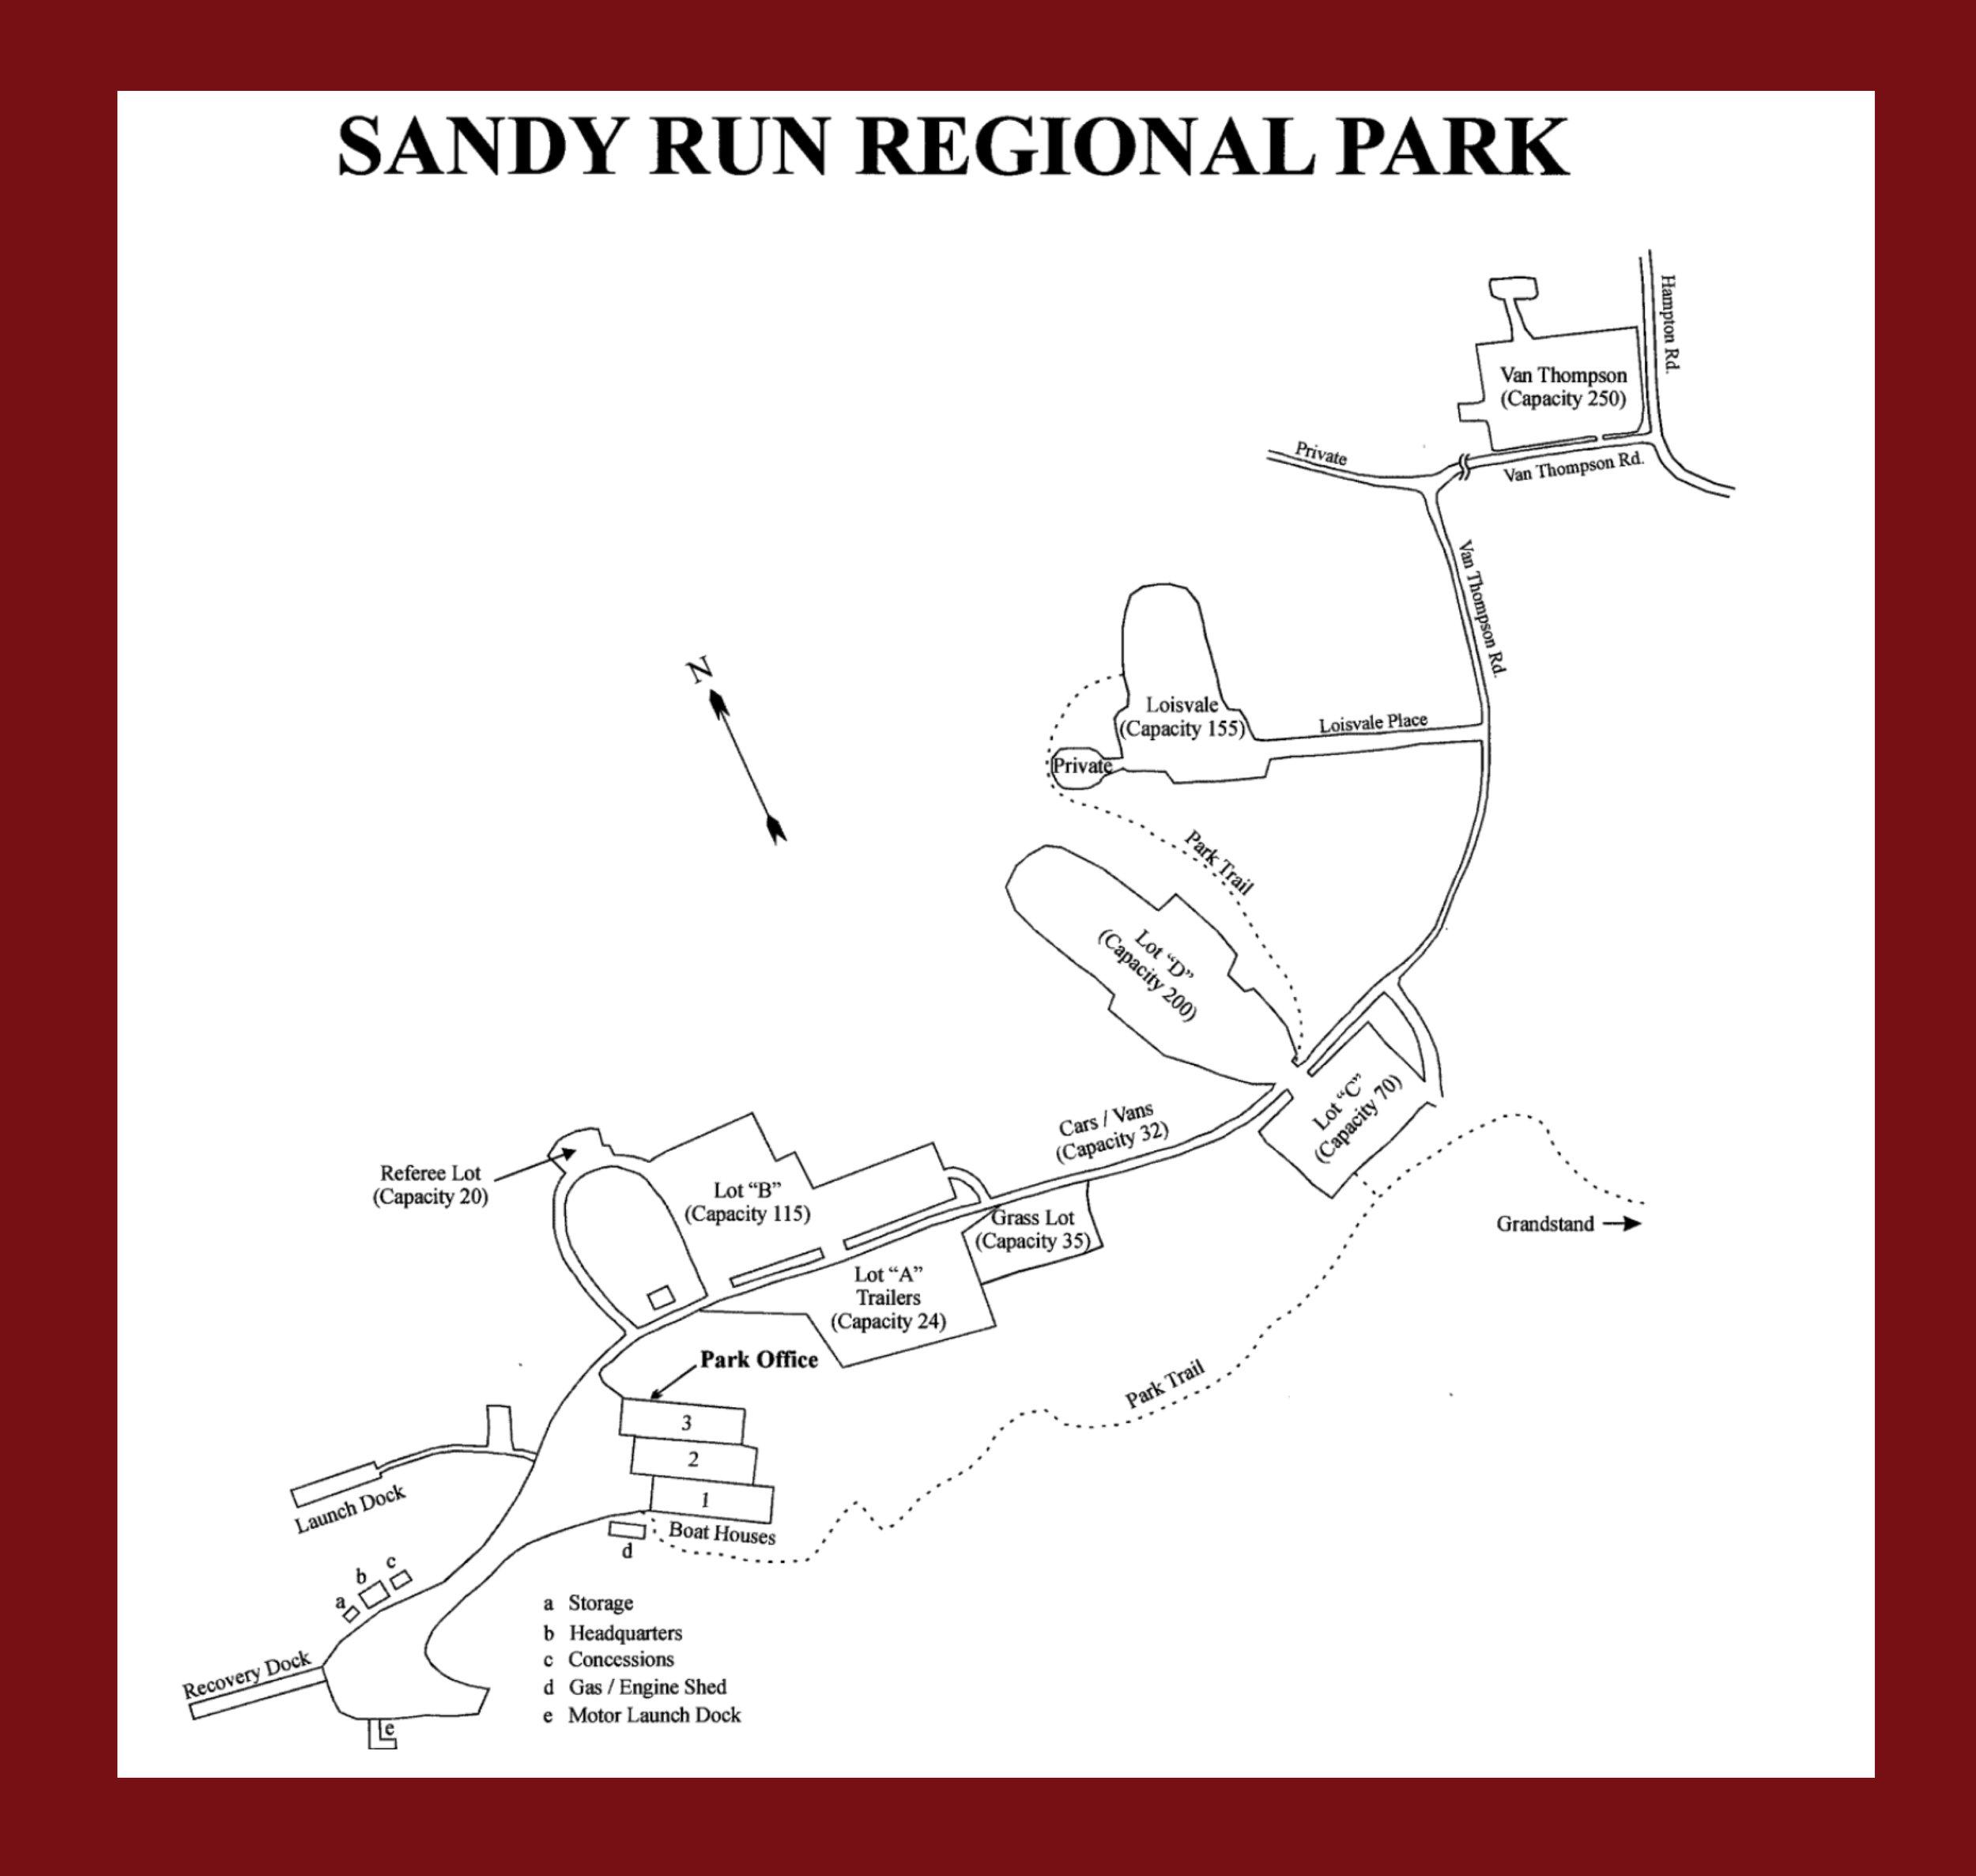 sandy run parking map.jpg